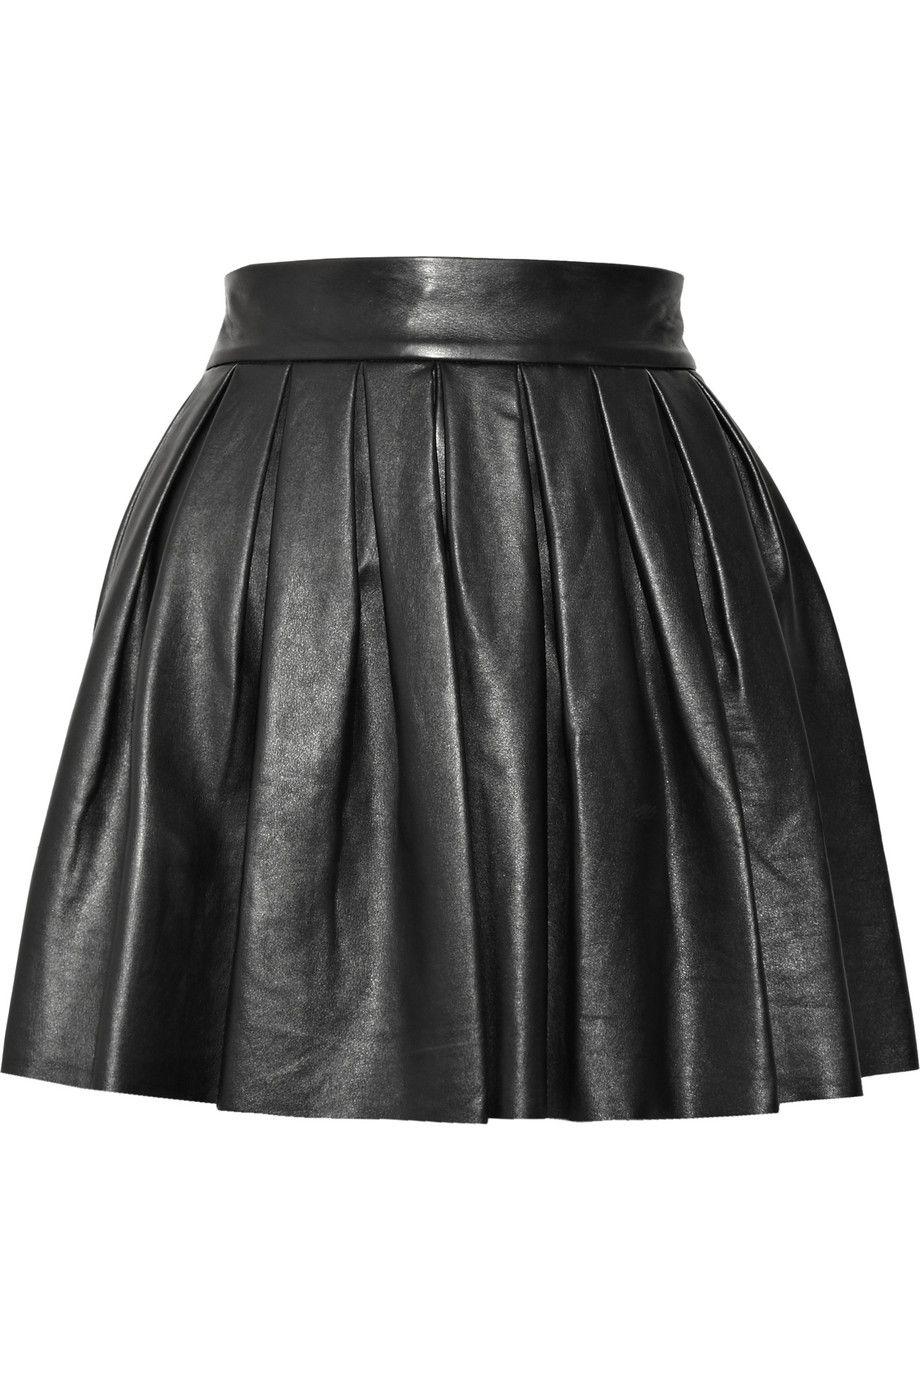 ALICE + OLIVIA Pleated leather skirt $276,50